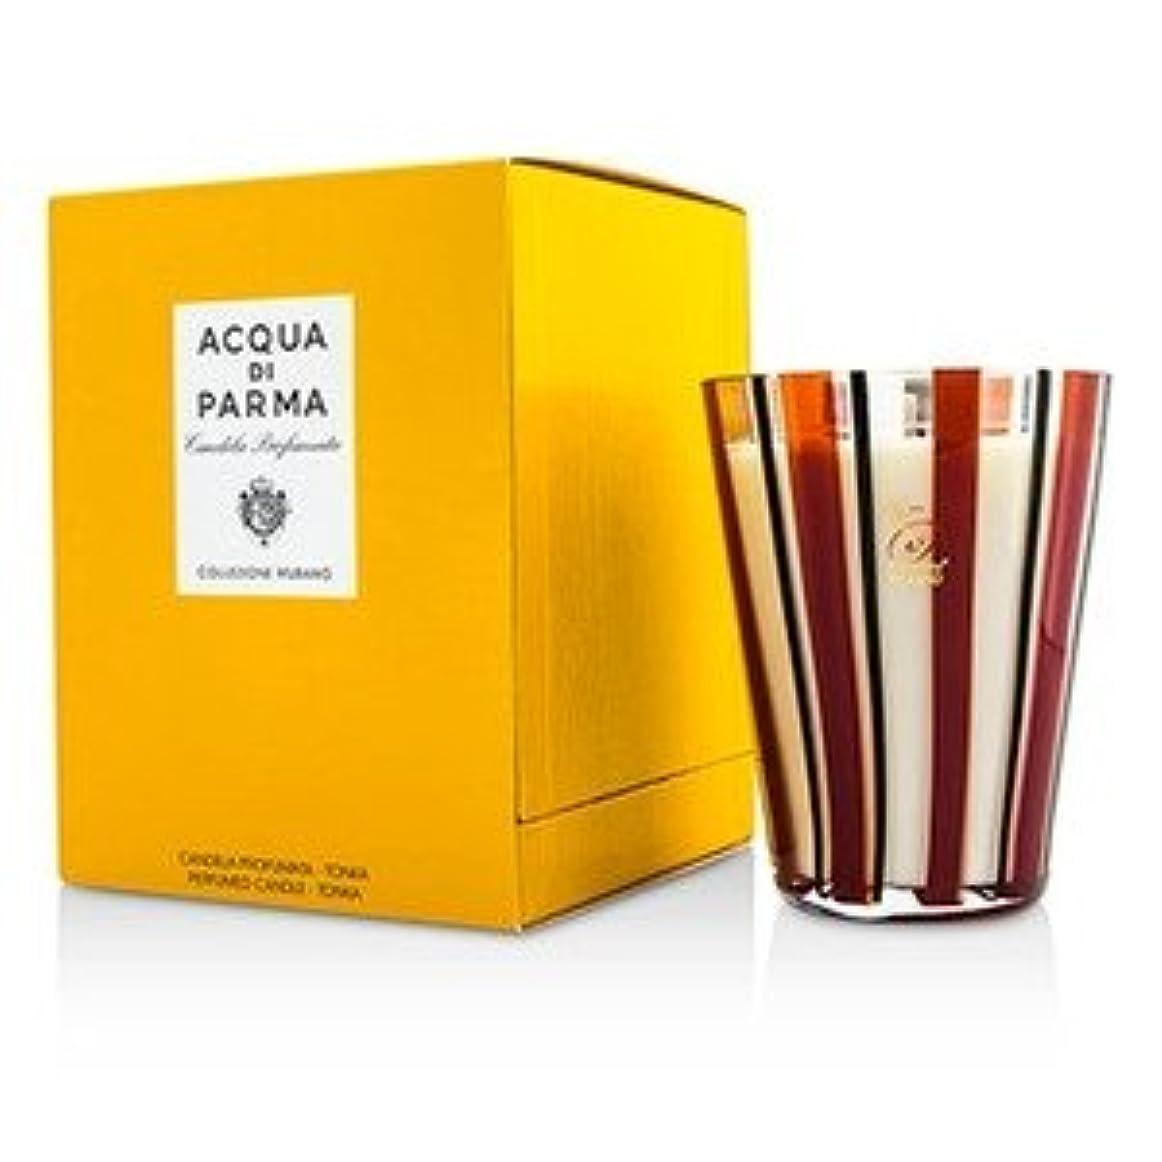 批判するシャイ慣れているアクア ディ パルマ[Acqua Di Parma] ムラノ グラス パフューム キャンドル - Tonka 200g/7.05oz [並行輸入品]